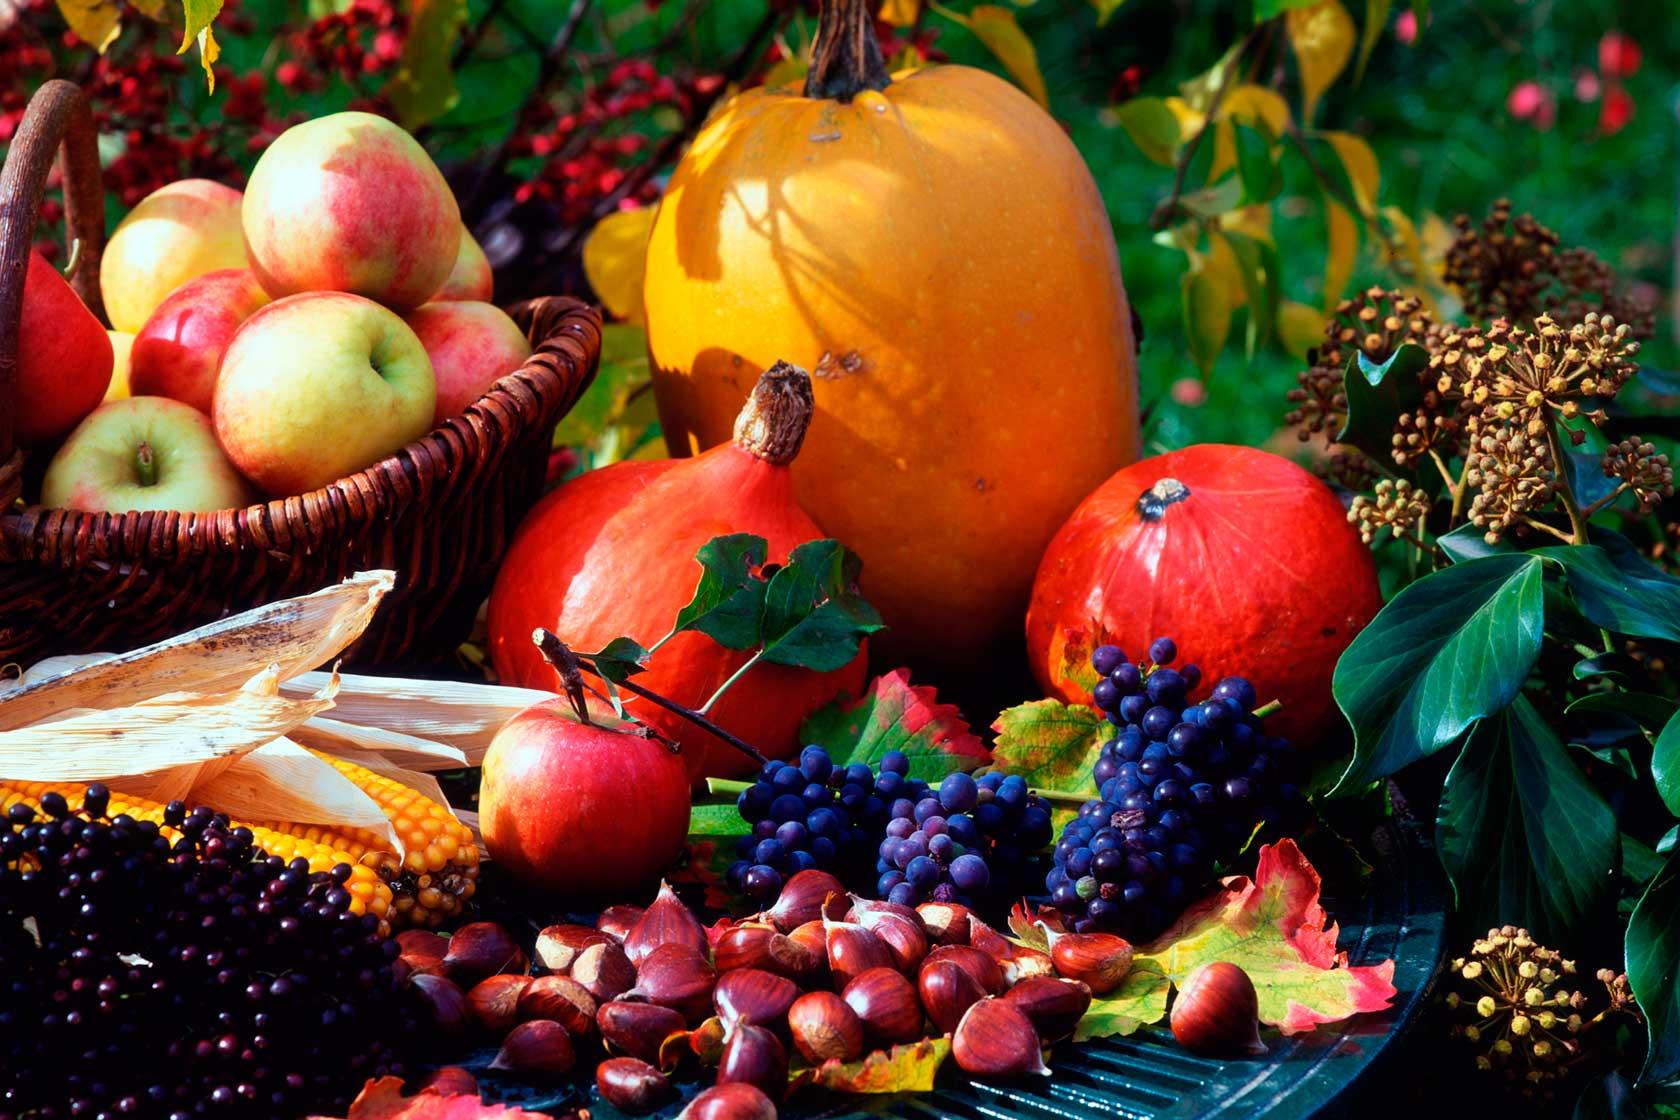 американская красивые картинки фрукты осень удача в например эти